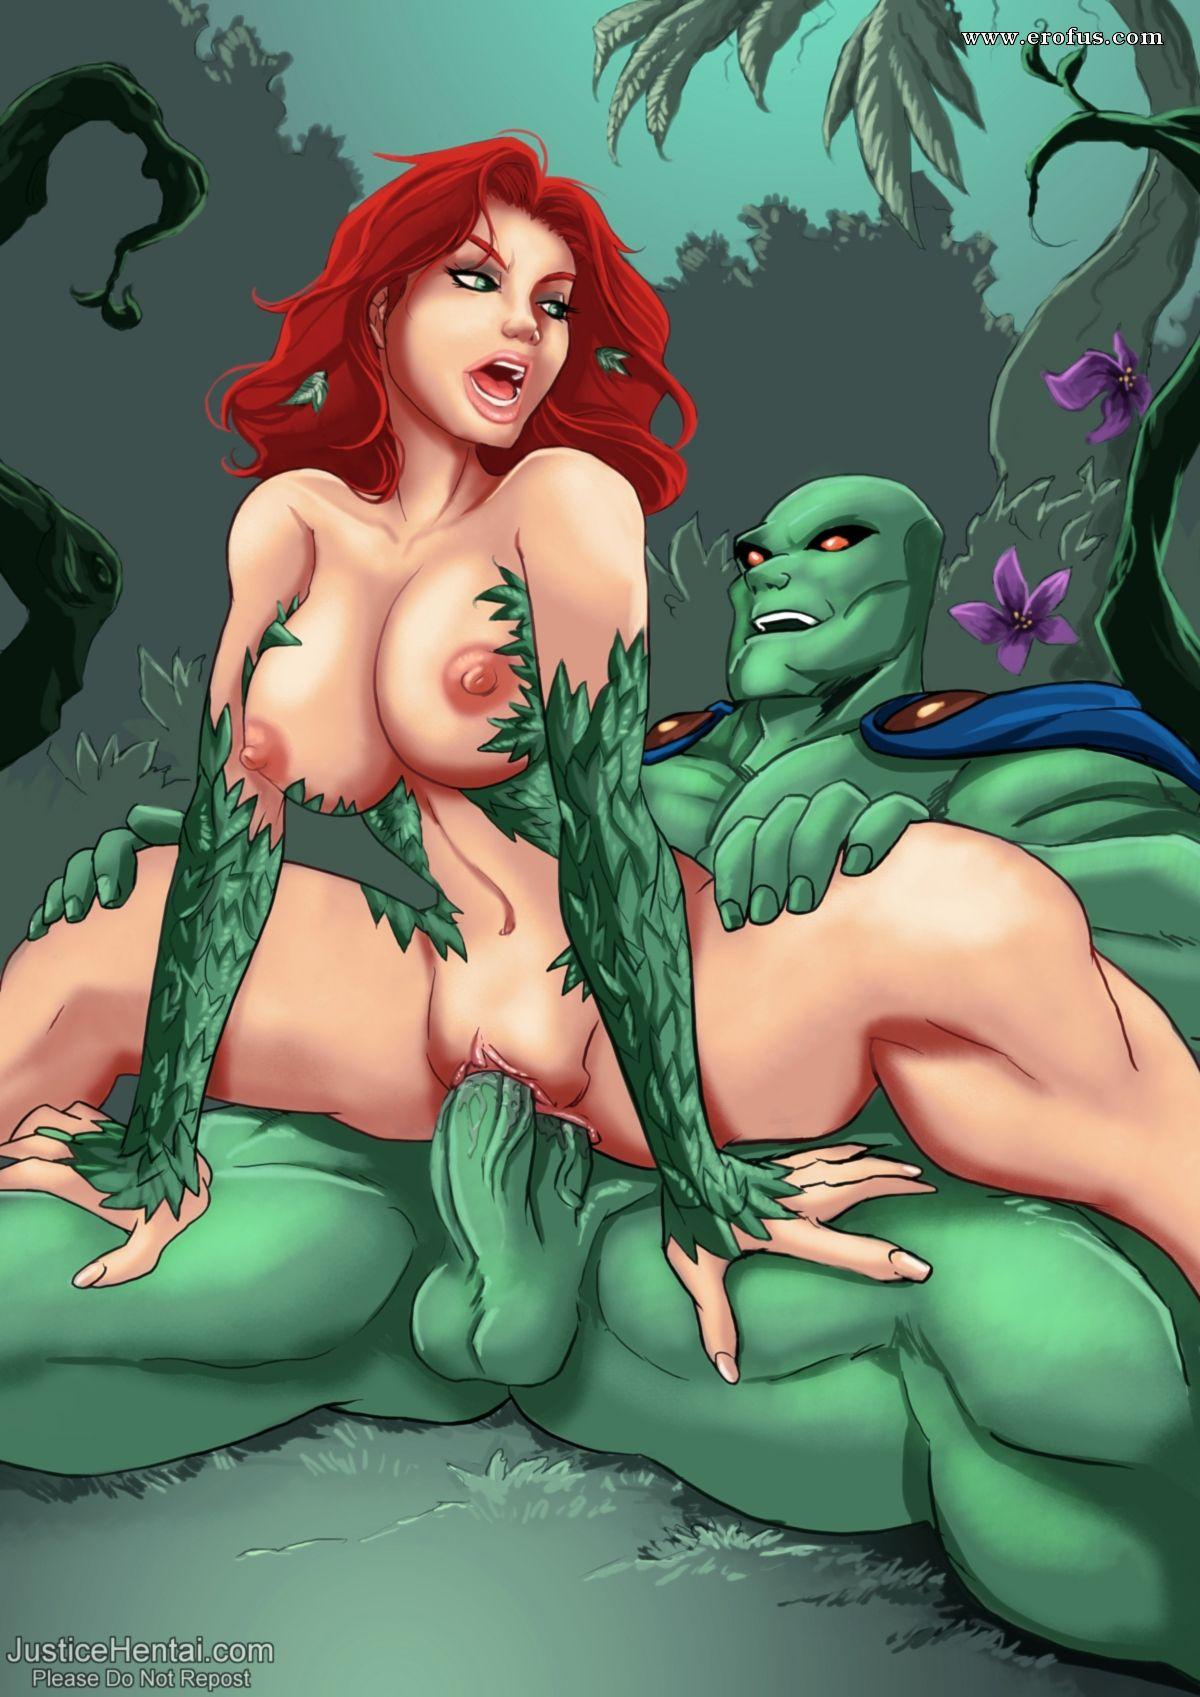 Зелёной жаркое порно мутантихой с